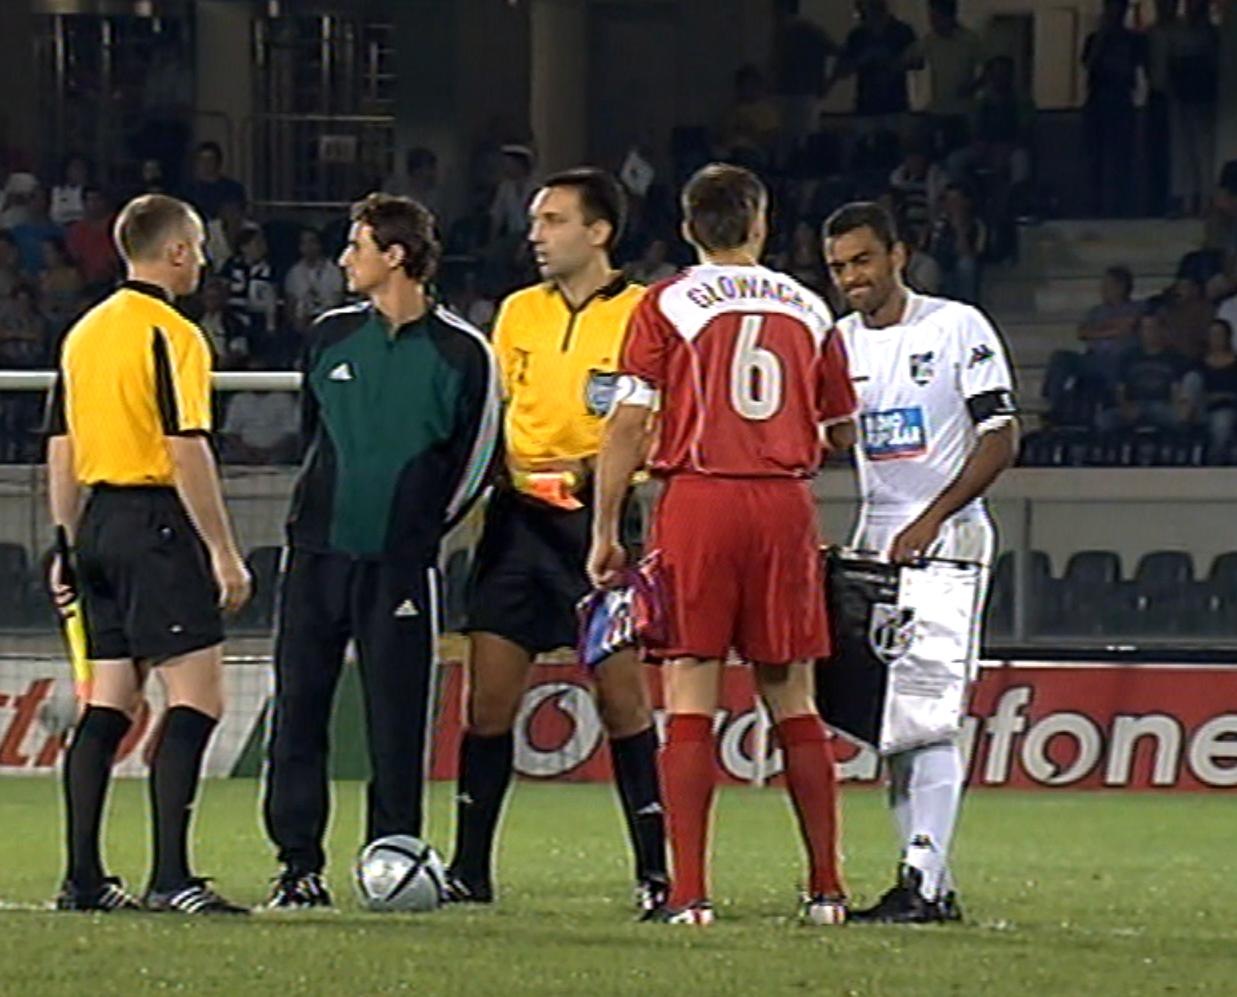 Vitória Guimarães - Wisła Kraków 3:0 (15.09.2005)